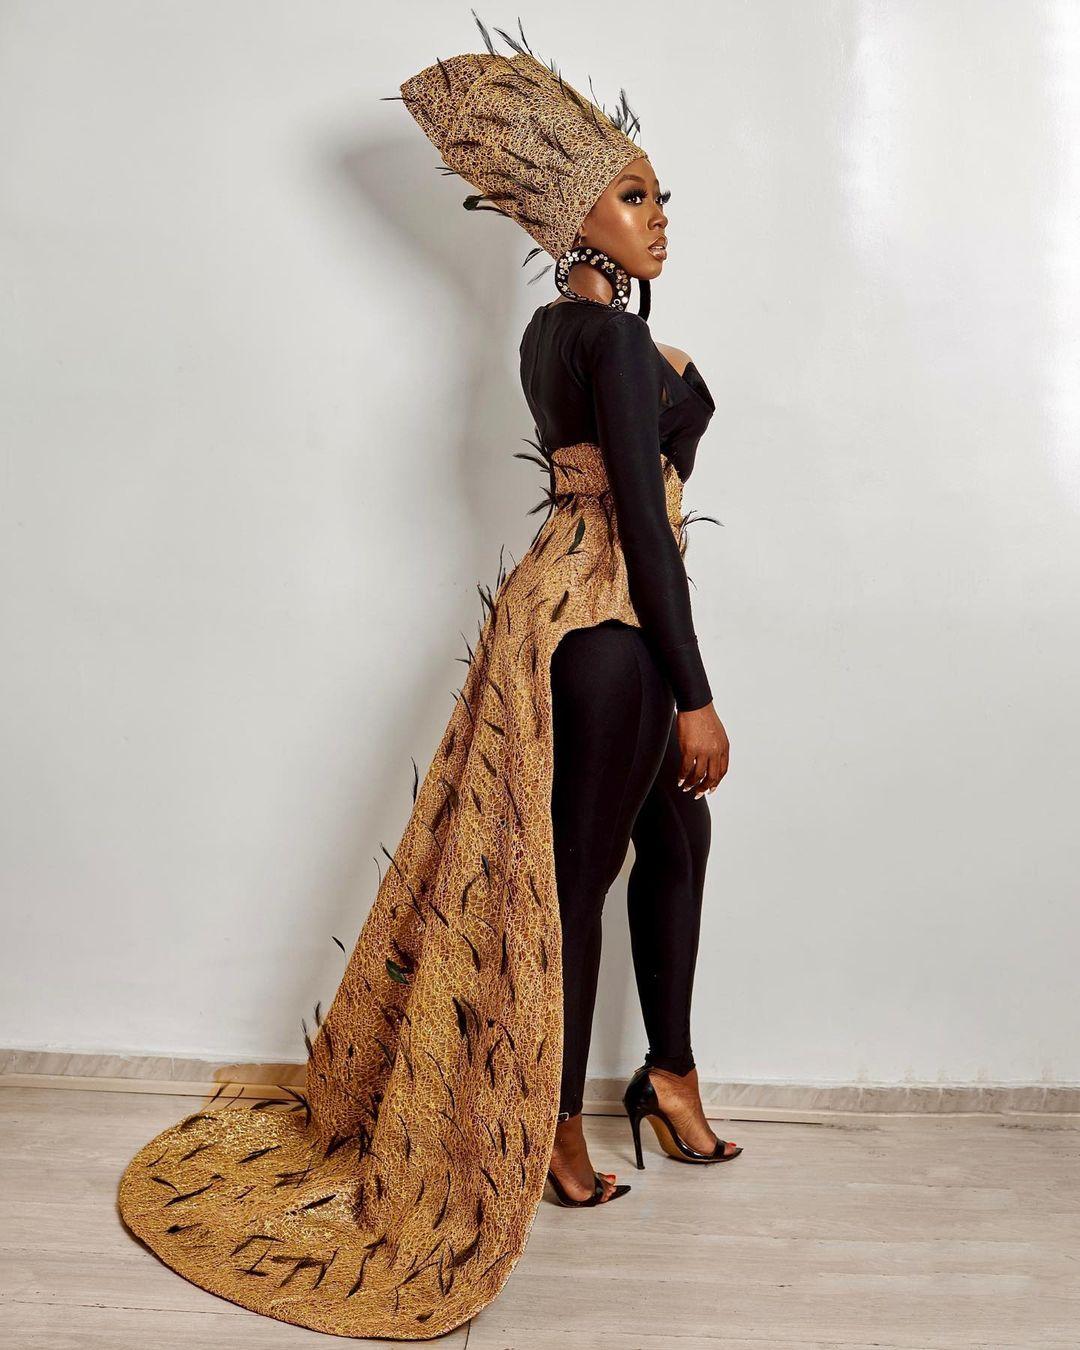 Beverly Naya Elegant Look Wraps Up The Weekend